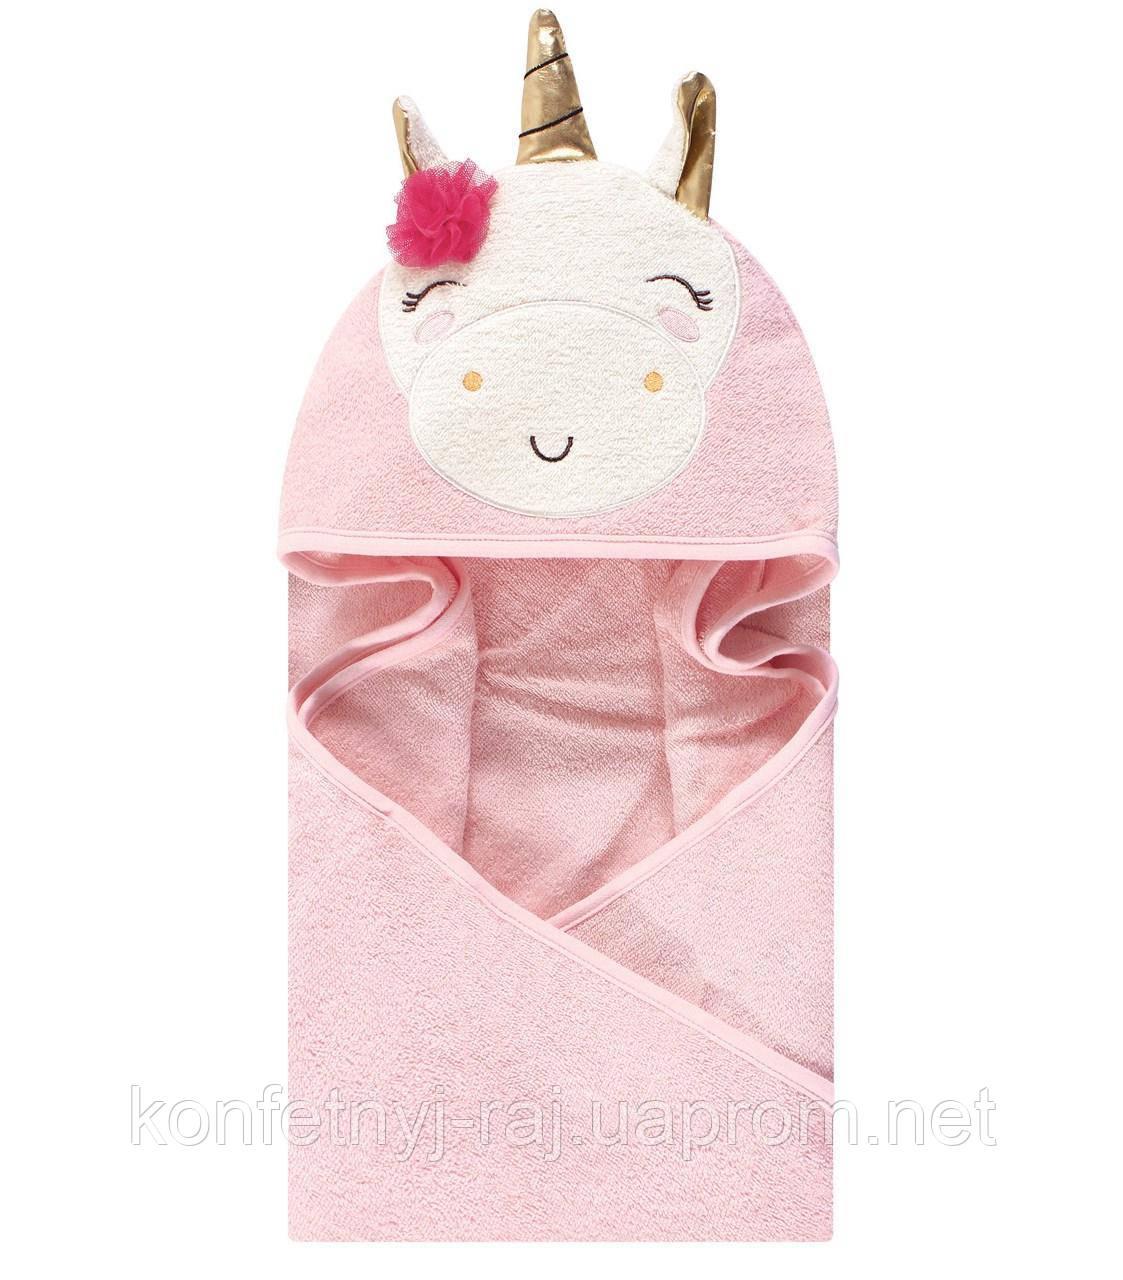 """Полотенце-конверт для деток """"Единорог""""и сказка о сказочном животном после ванны..."""